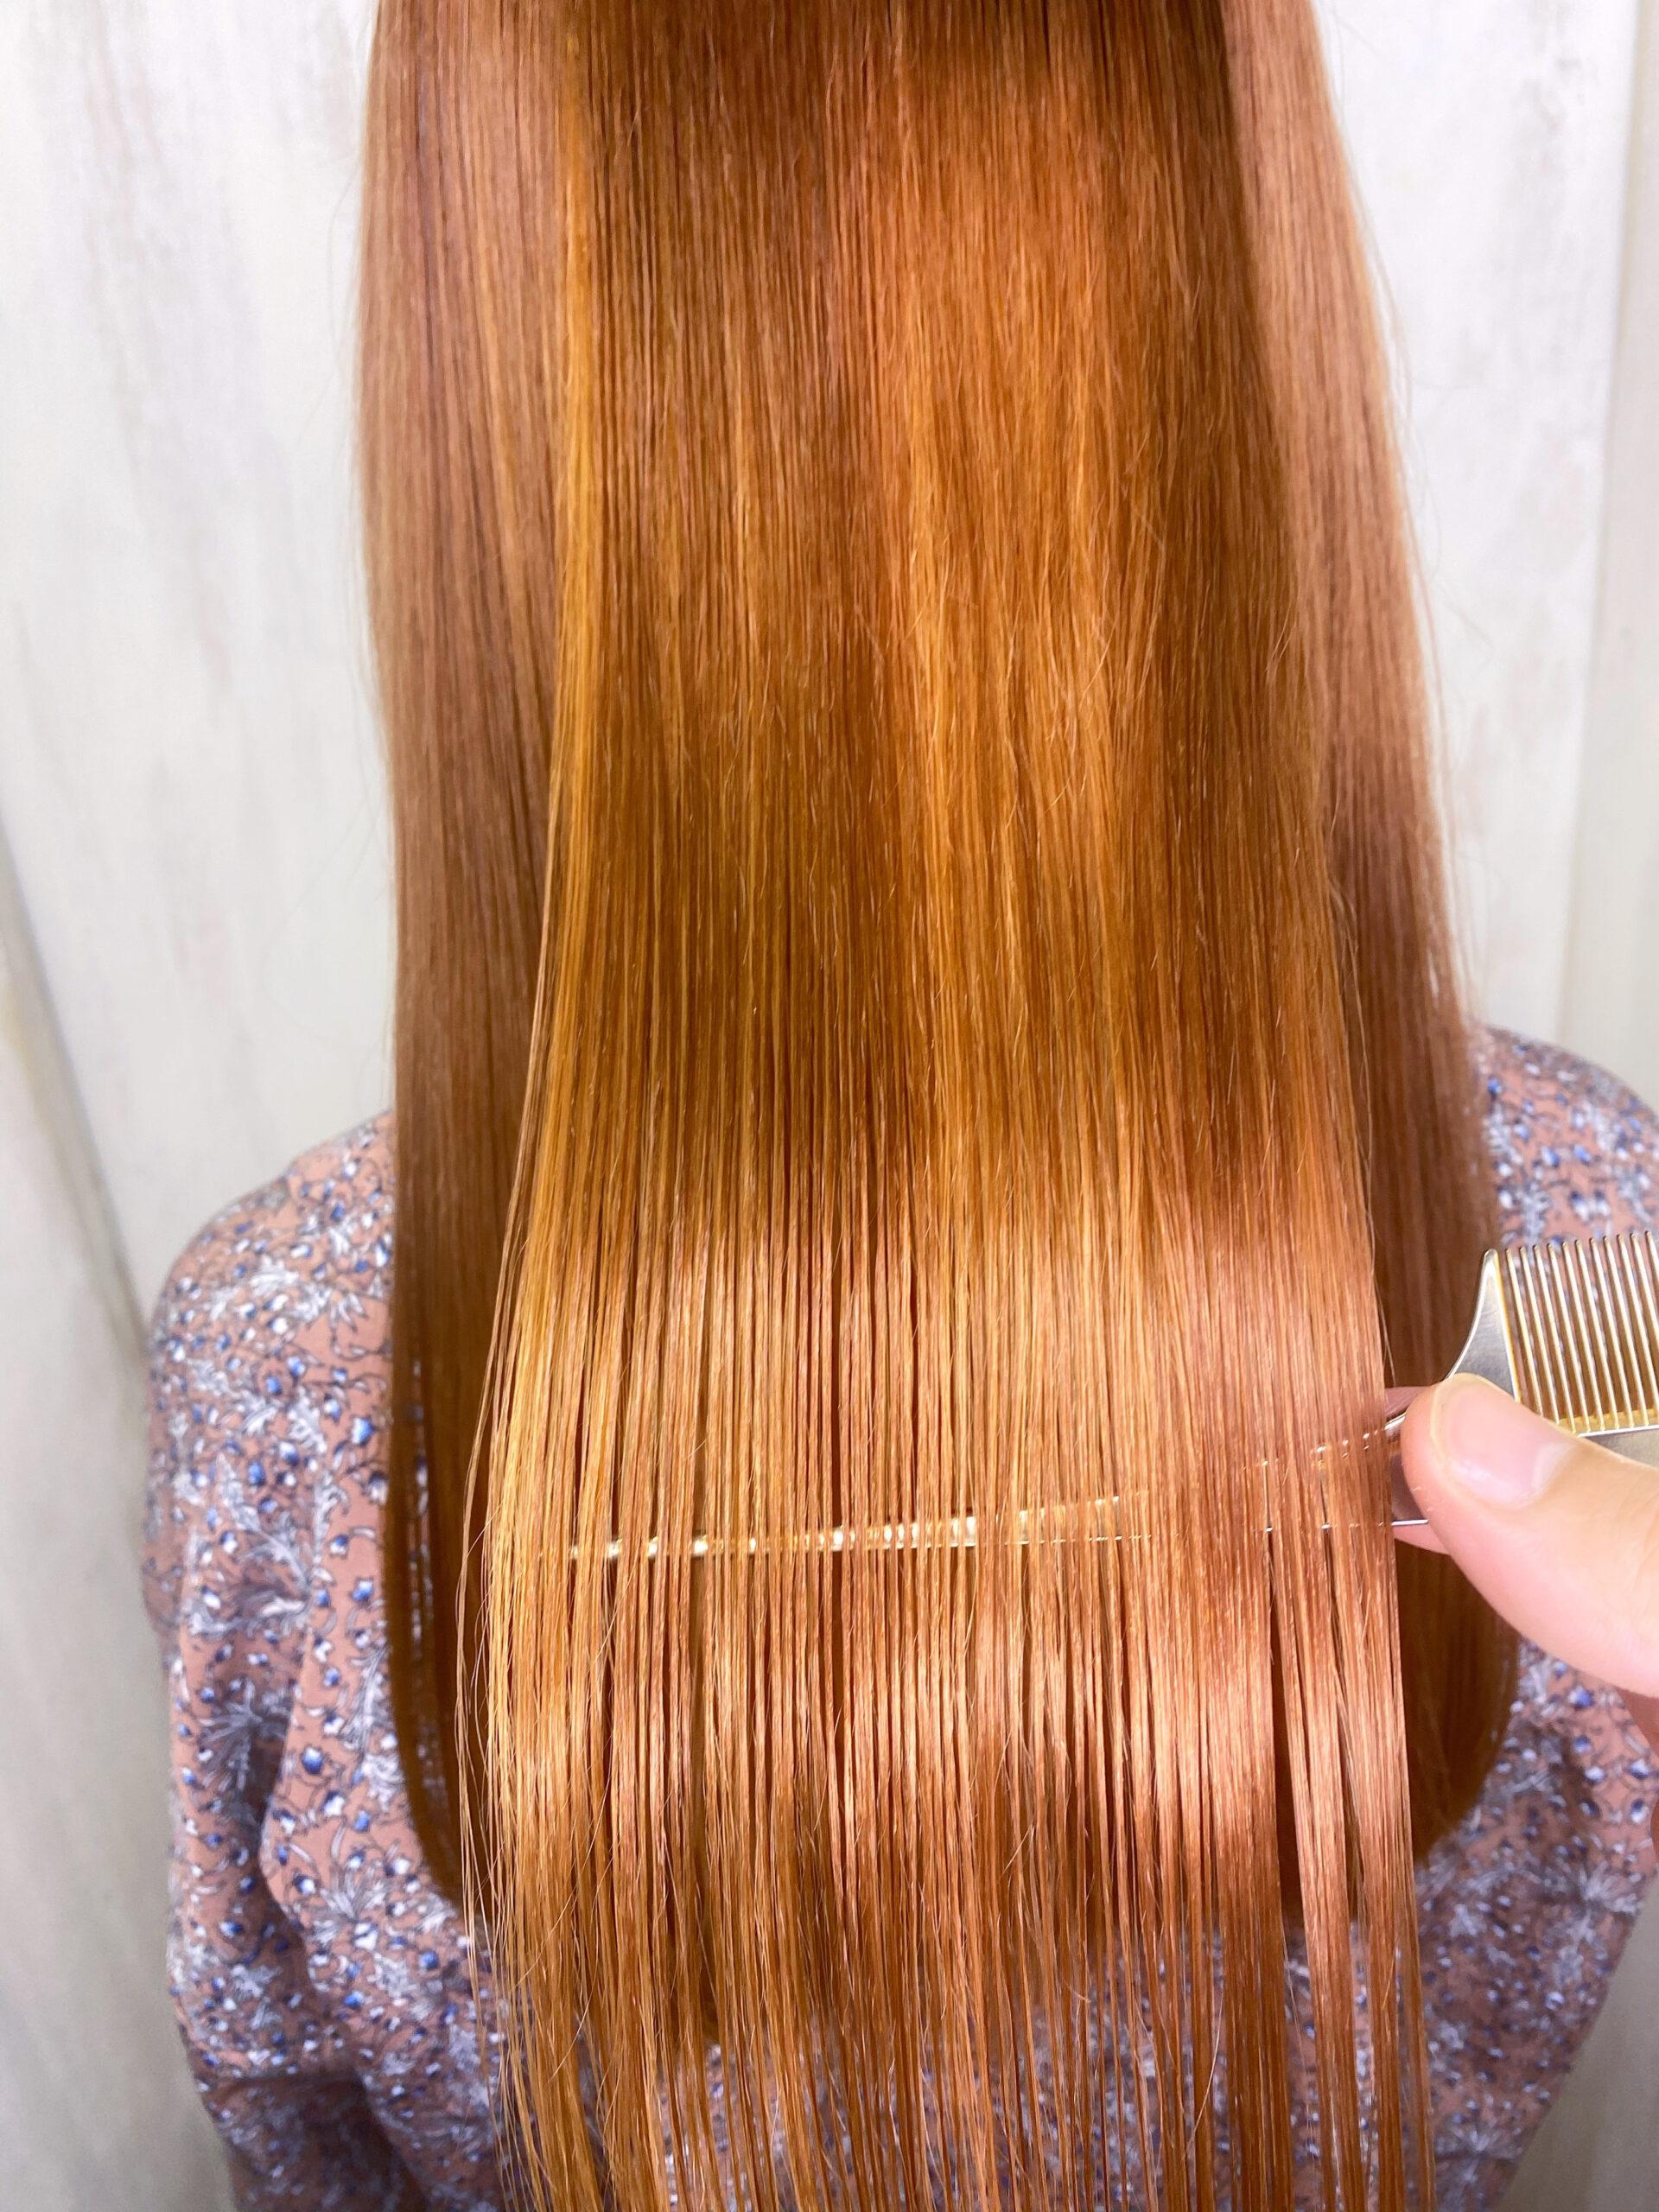 ブリーチを数回している方の縮毛矯正。原宿・表参道『髪のお悩みを解決するヘアケア美容師の挑戦』